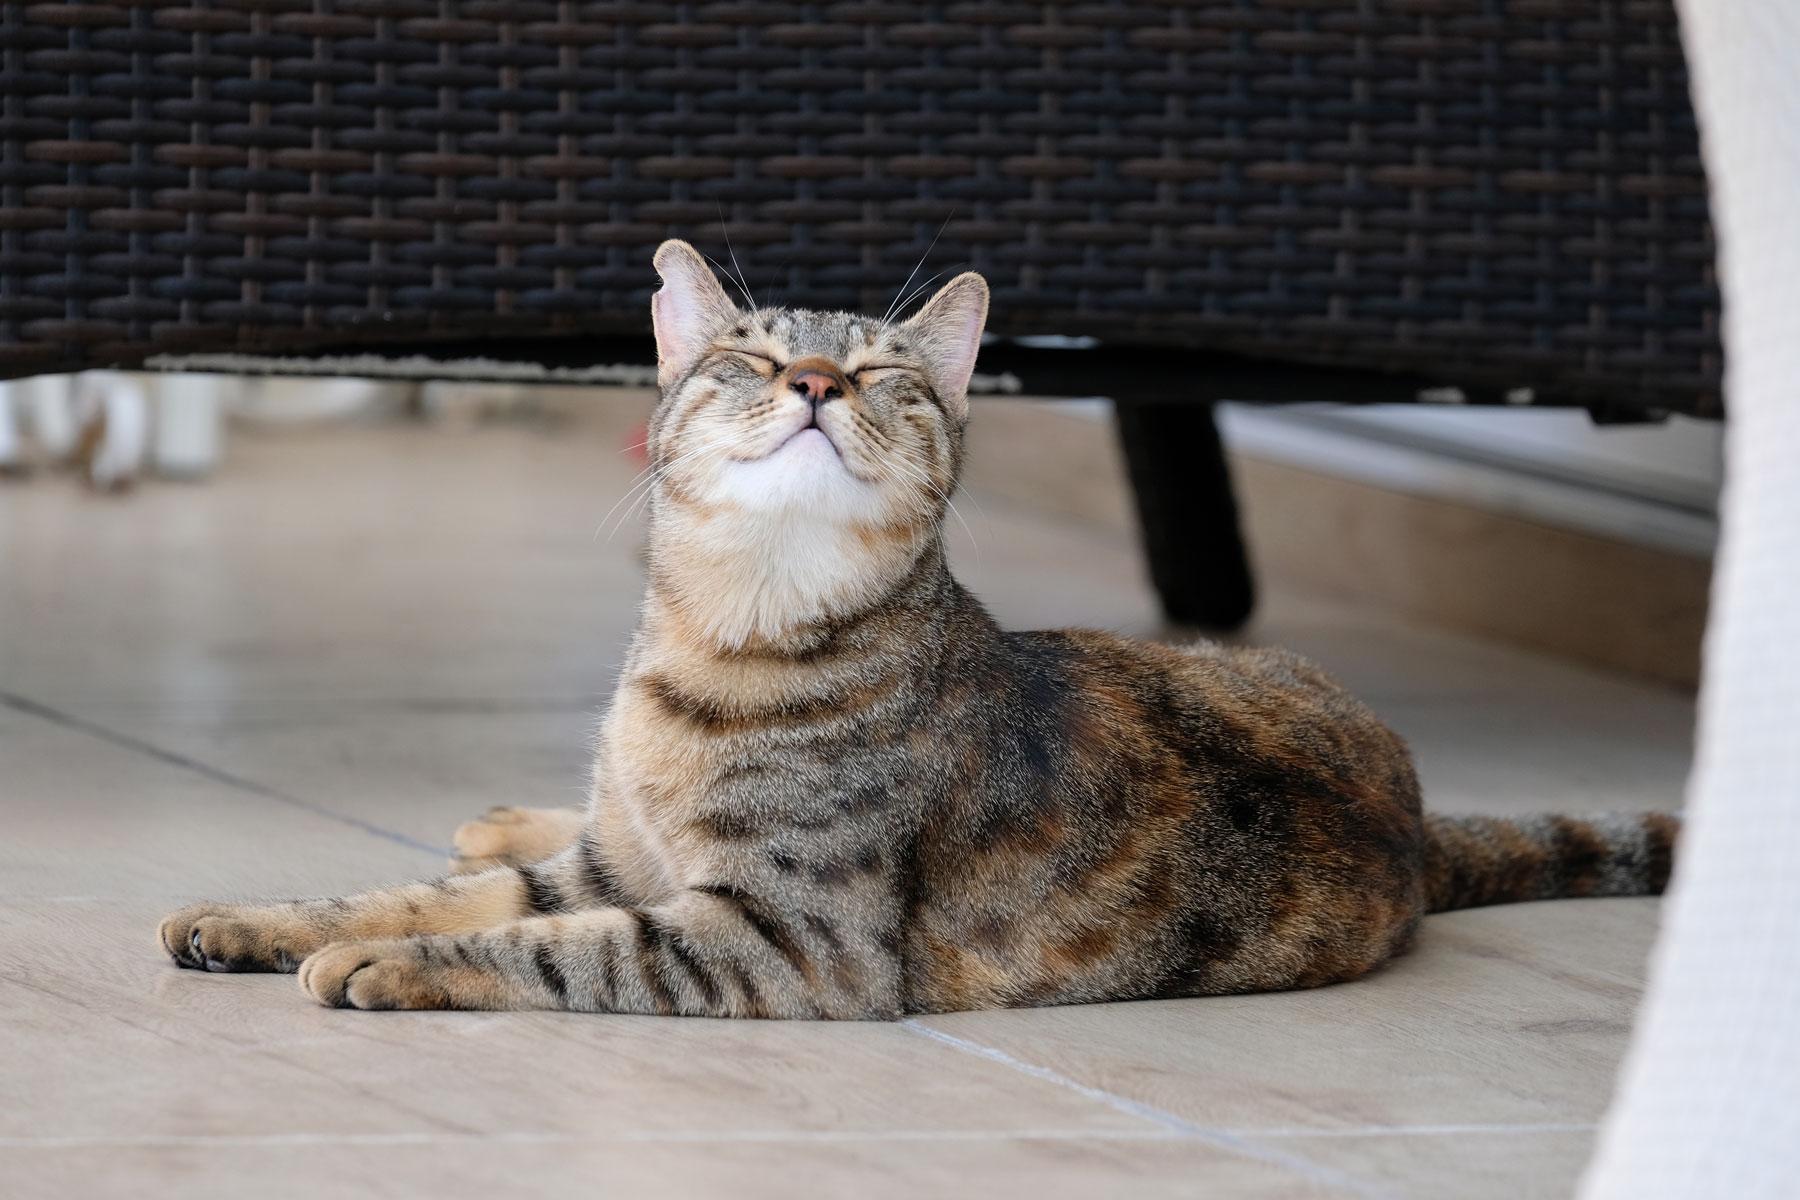 Beim House Sitting passen wir auch auf Katze Possum auf.